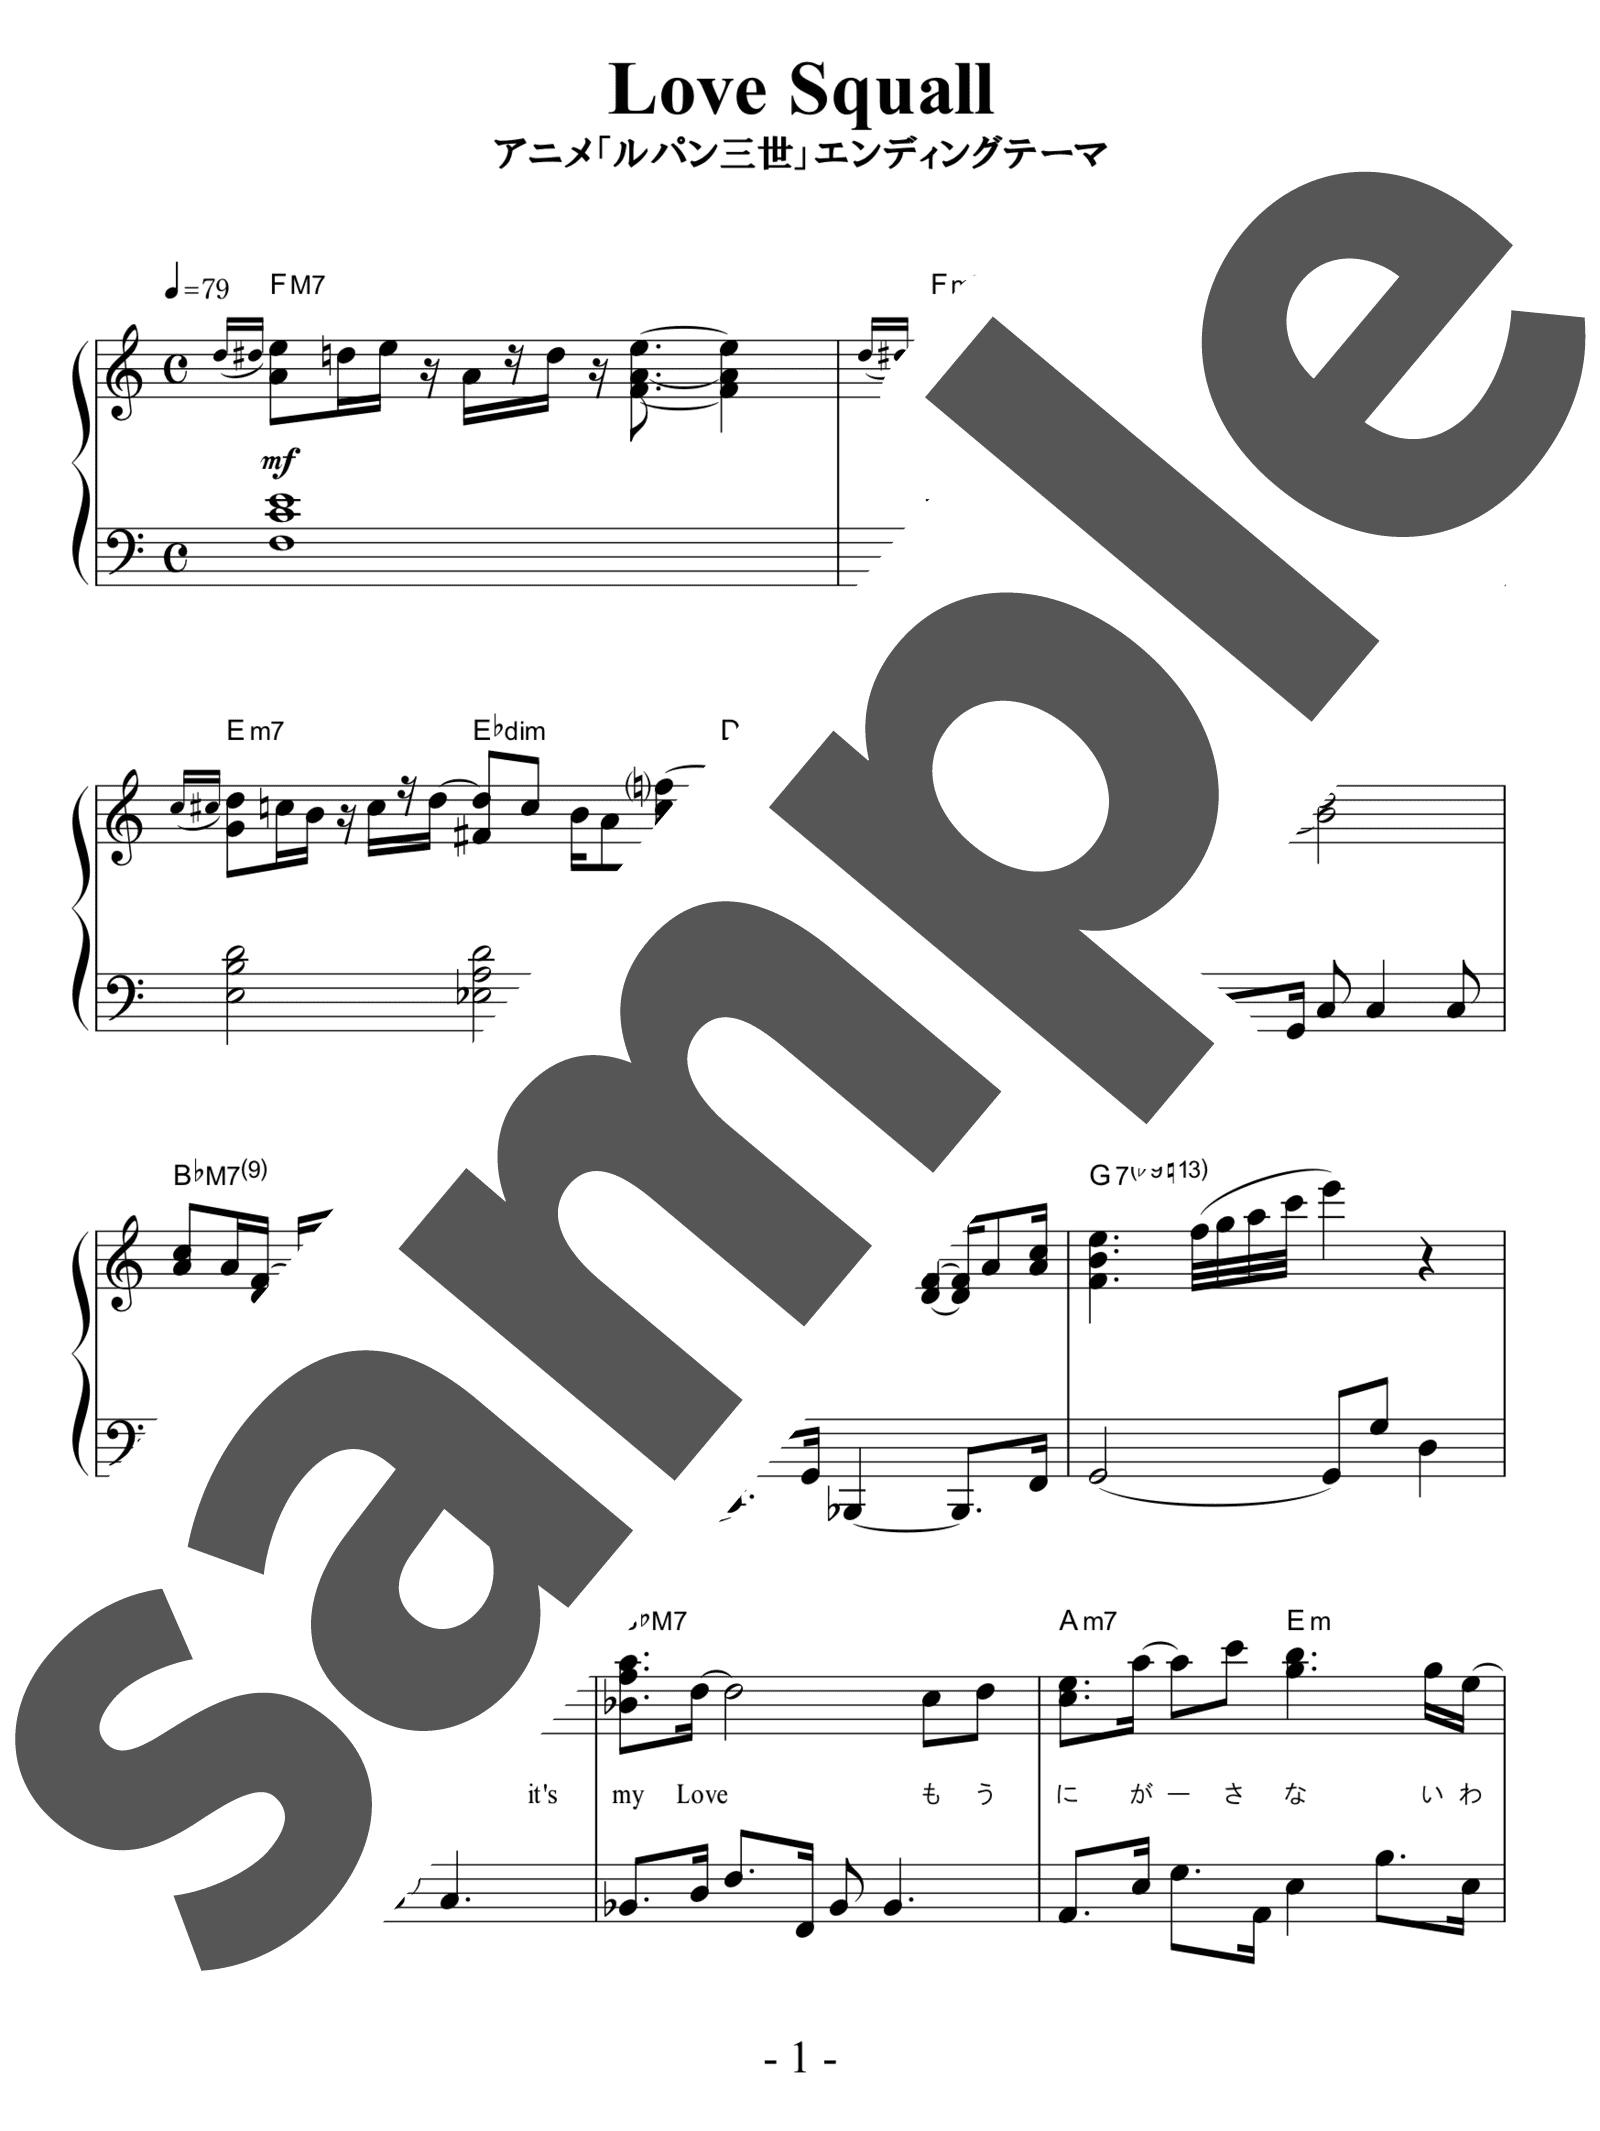 「ラブ・スコール」のサンプル楽譜